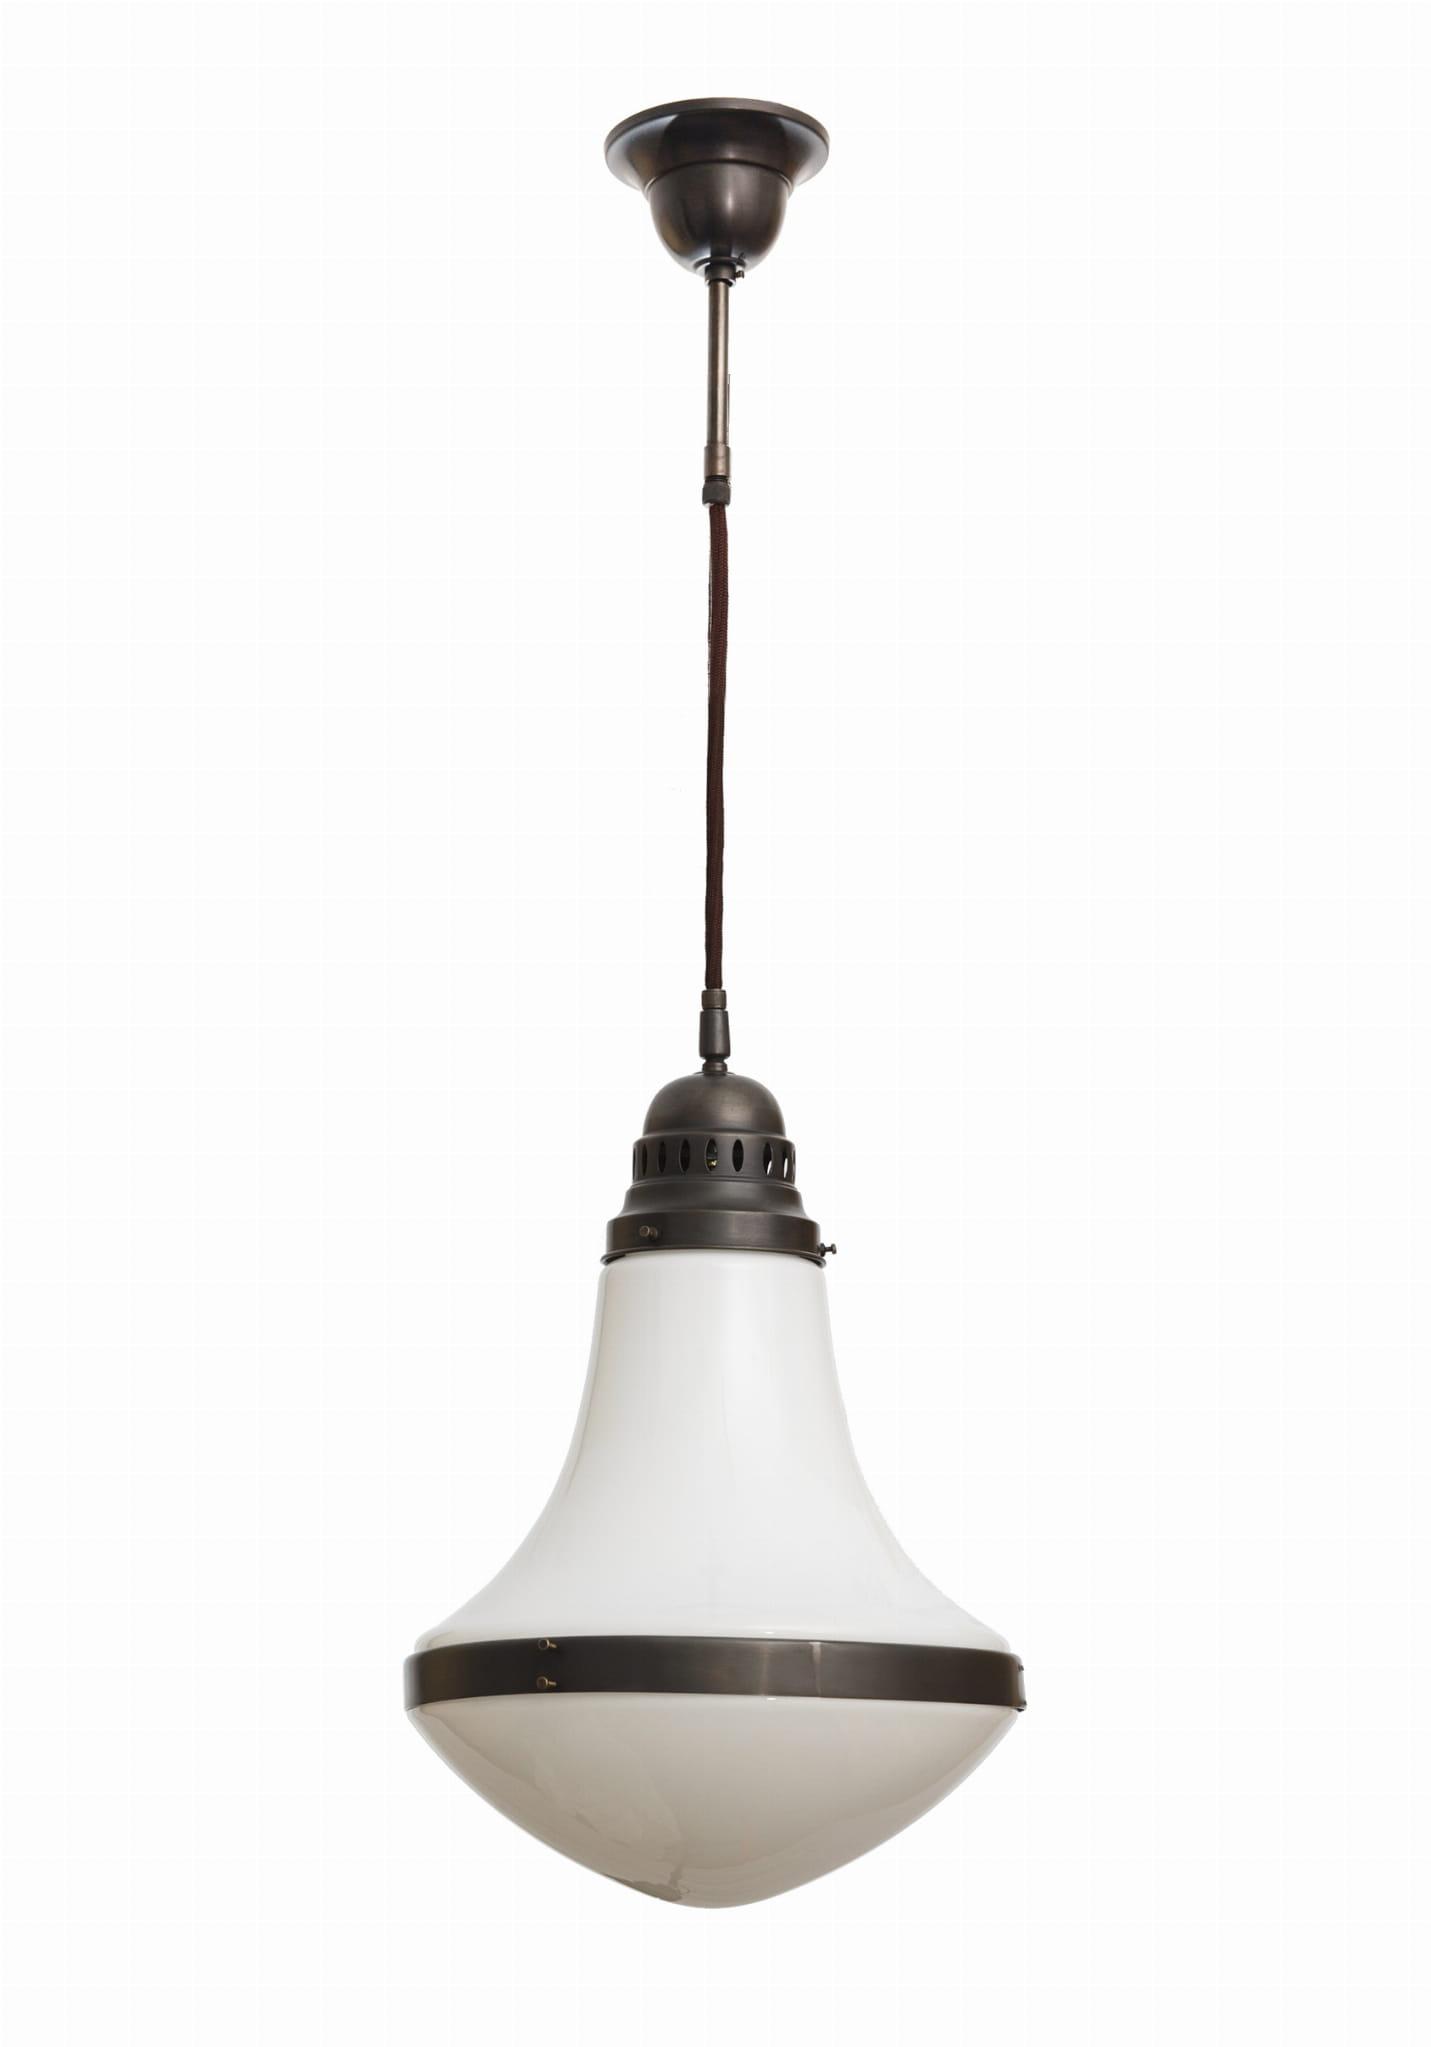 ▷ Siemens-Lampe zurückhaltende Eleganz | Lamptique Online Shop